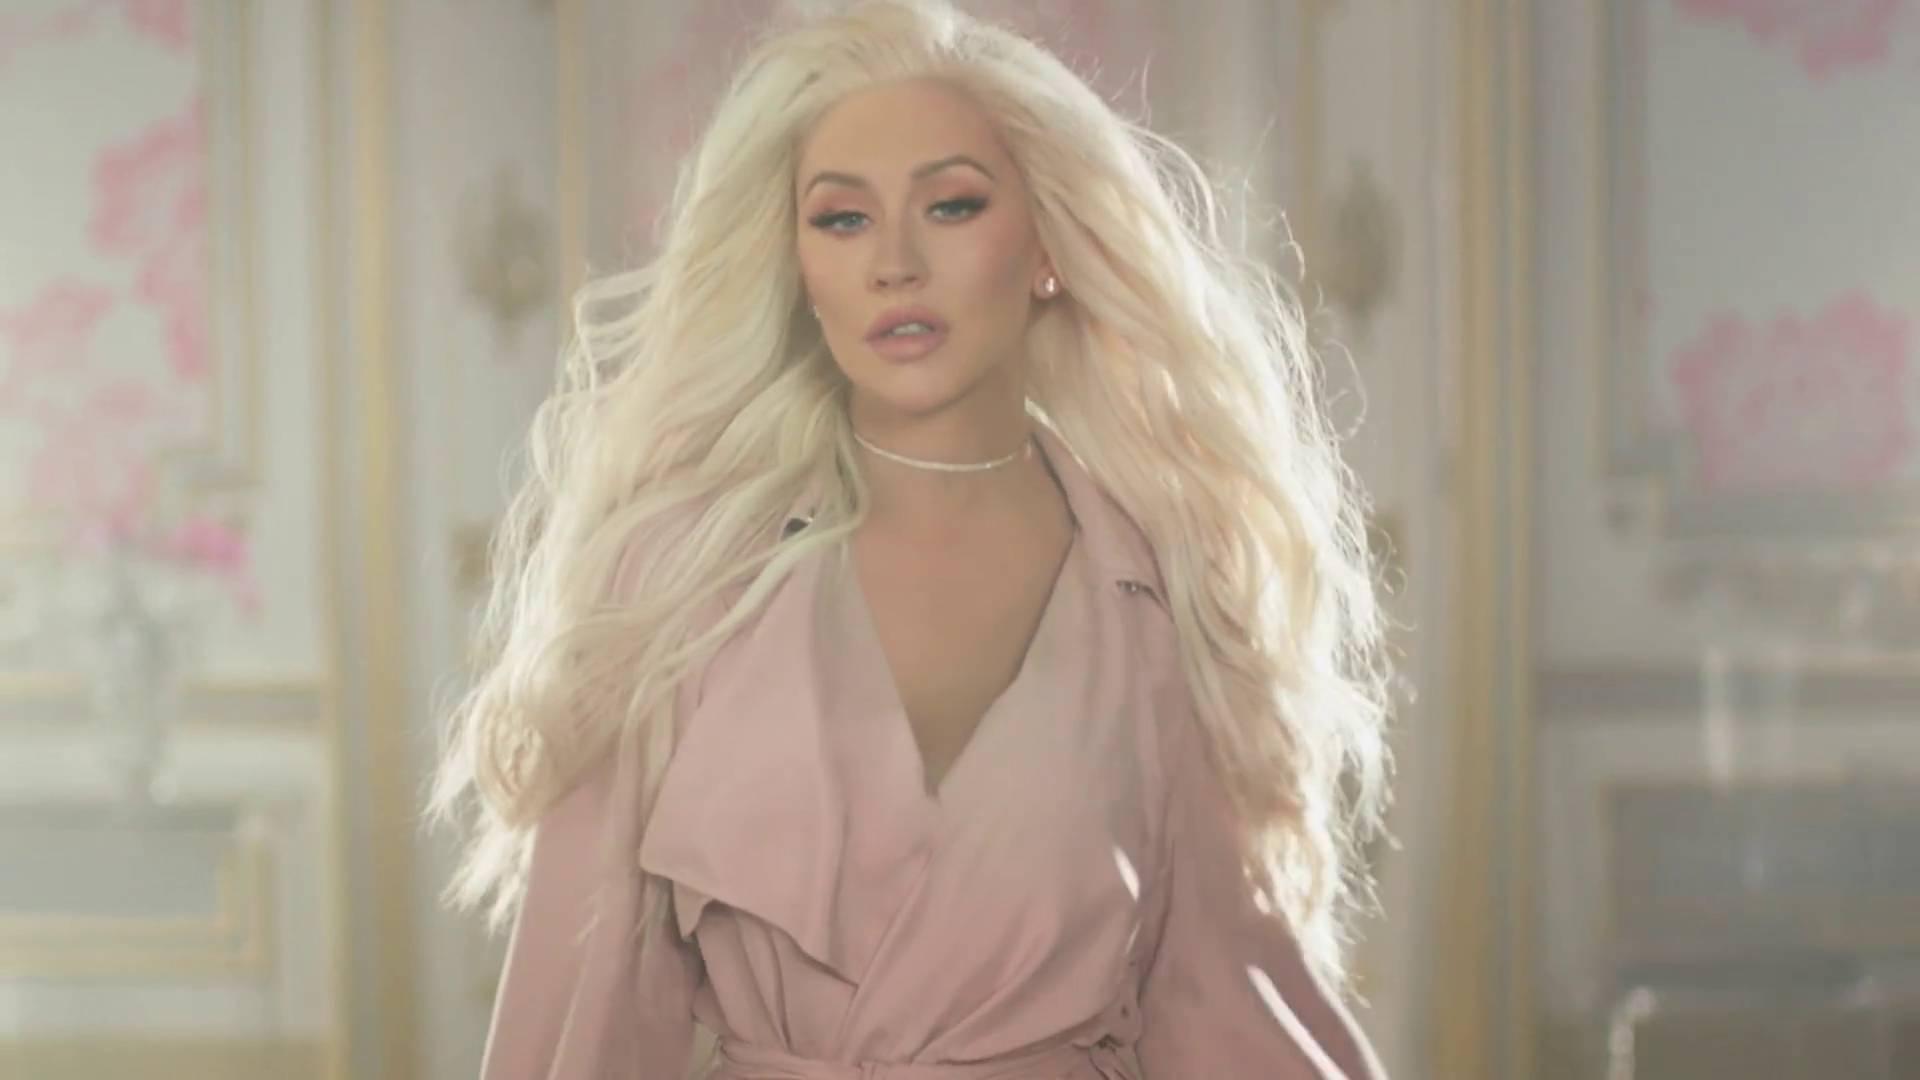 """Christina Aguilera pública homenagem para Lady Gaga, Britney Spears, Madonna e outras cantoras: """"Mulheres que me inspiram"""""""